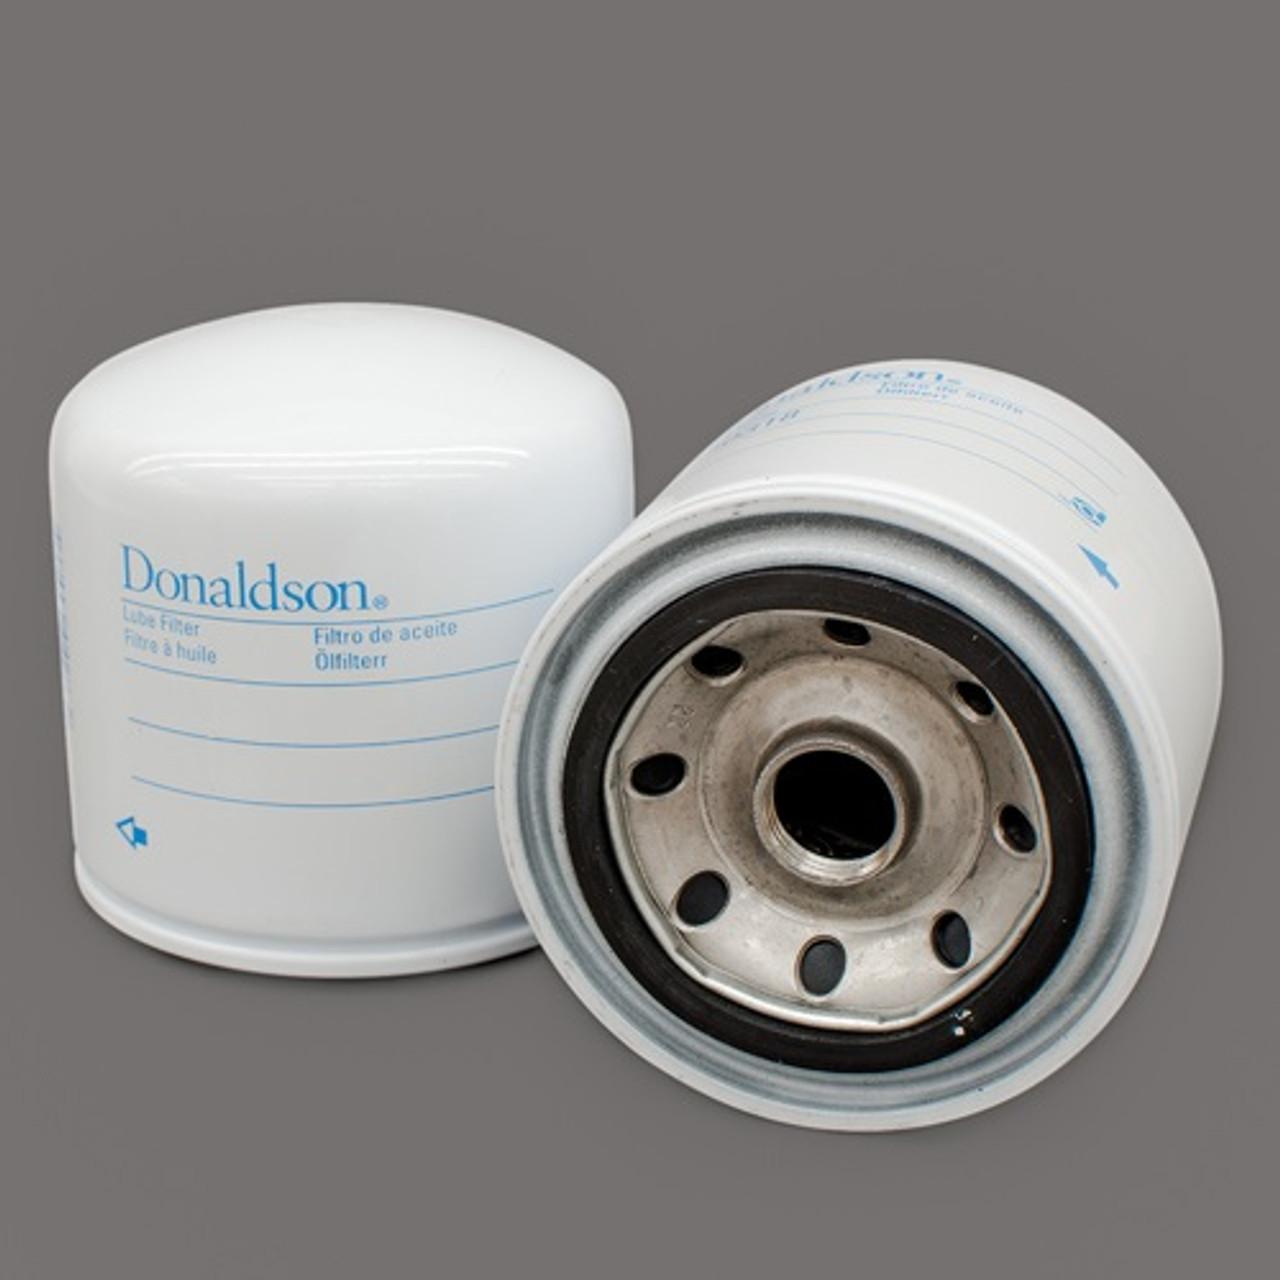 Engine Oil Filter for Kubota® Skid Steer SSV65 SSV75 SVL75 SVL75-2 SVL90  SVL90-2 SVL95-2s | Replaces OEM # HH1C0-32430